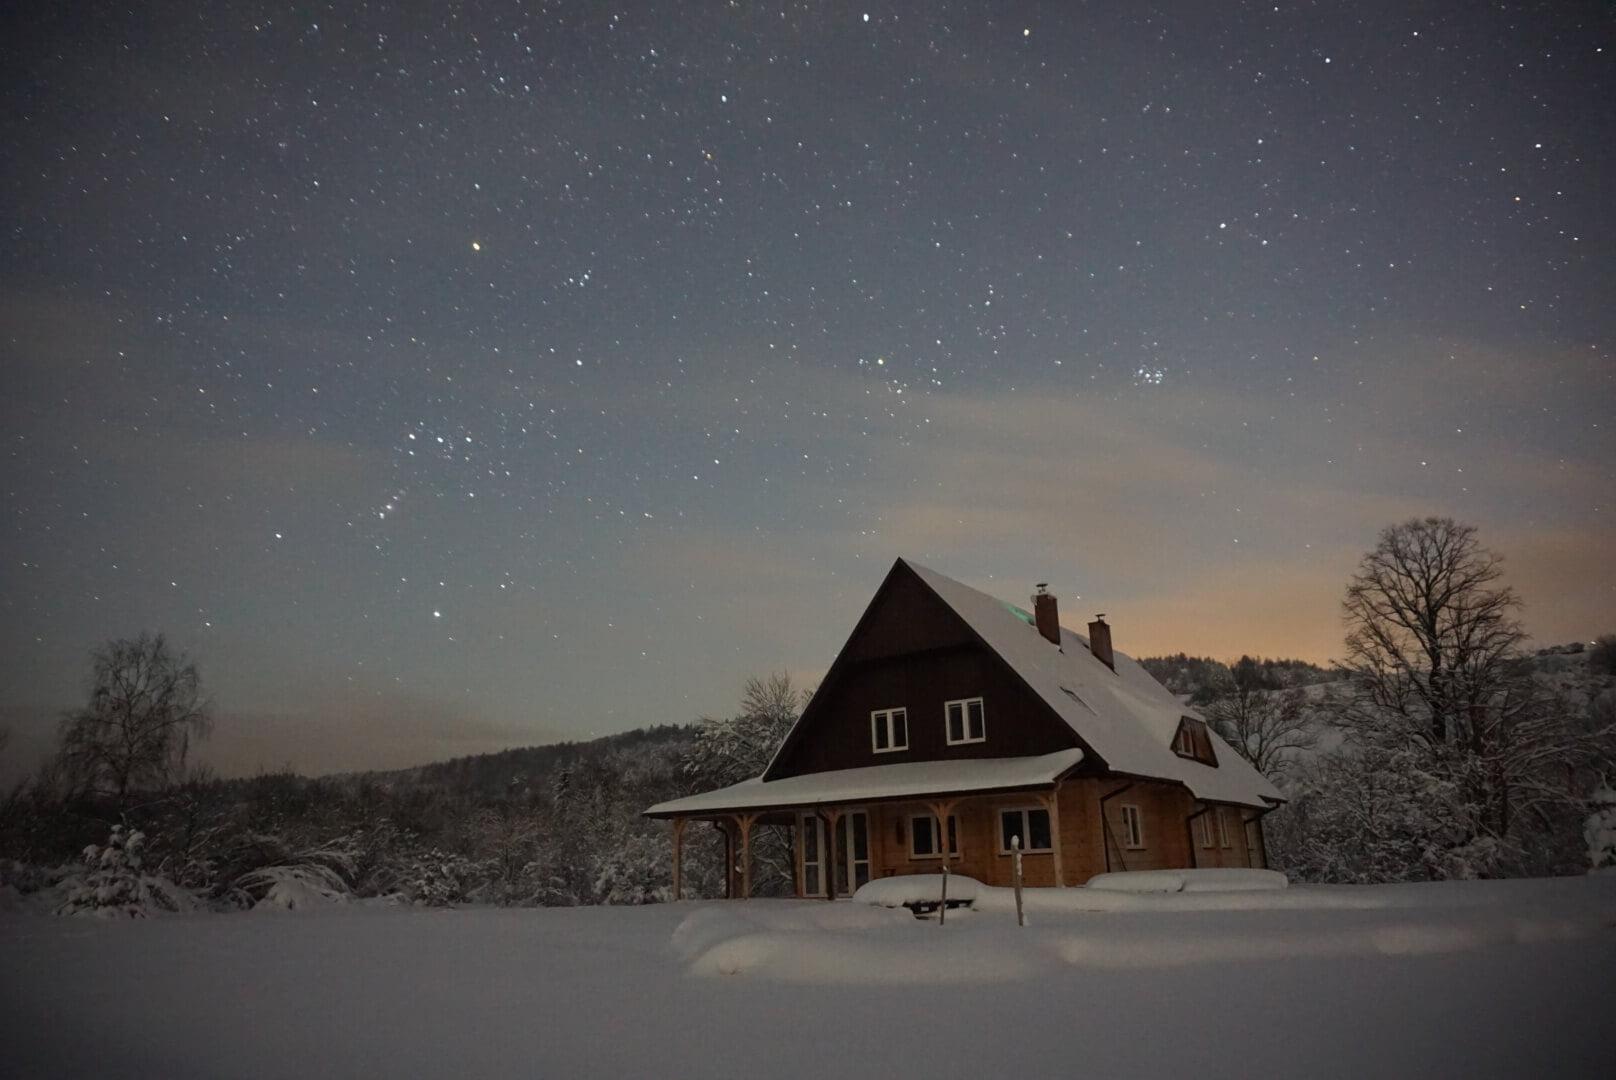 Nocne, zimowe niebo w fotografii Adama 3